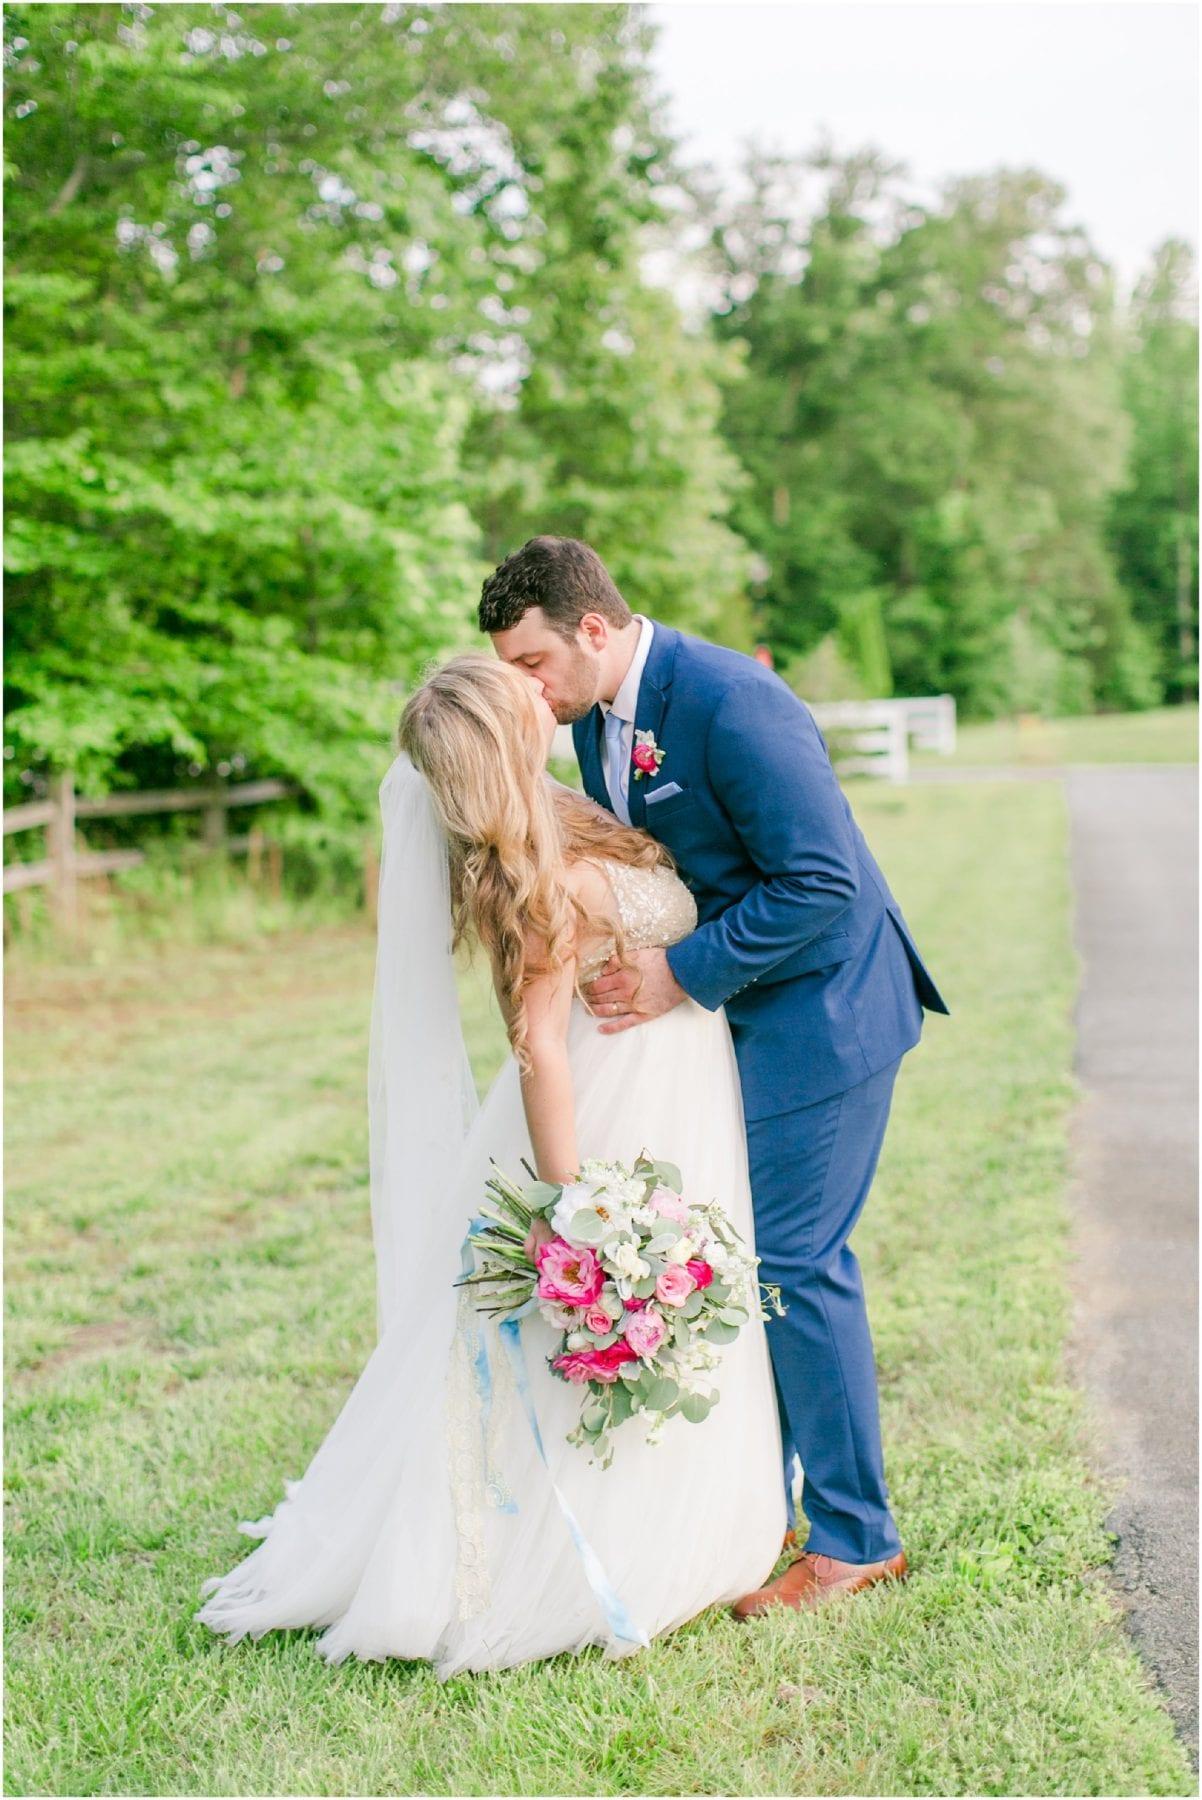 Maryland Backyard Wedding Photos Kelly & Zach Megan Kelsey Photography-253.jpg